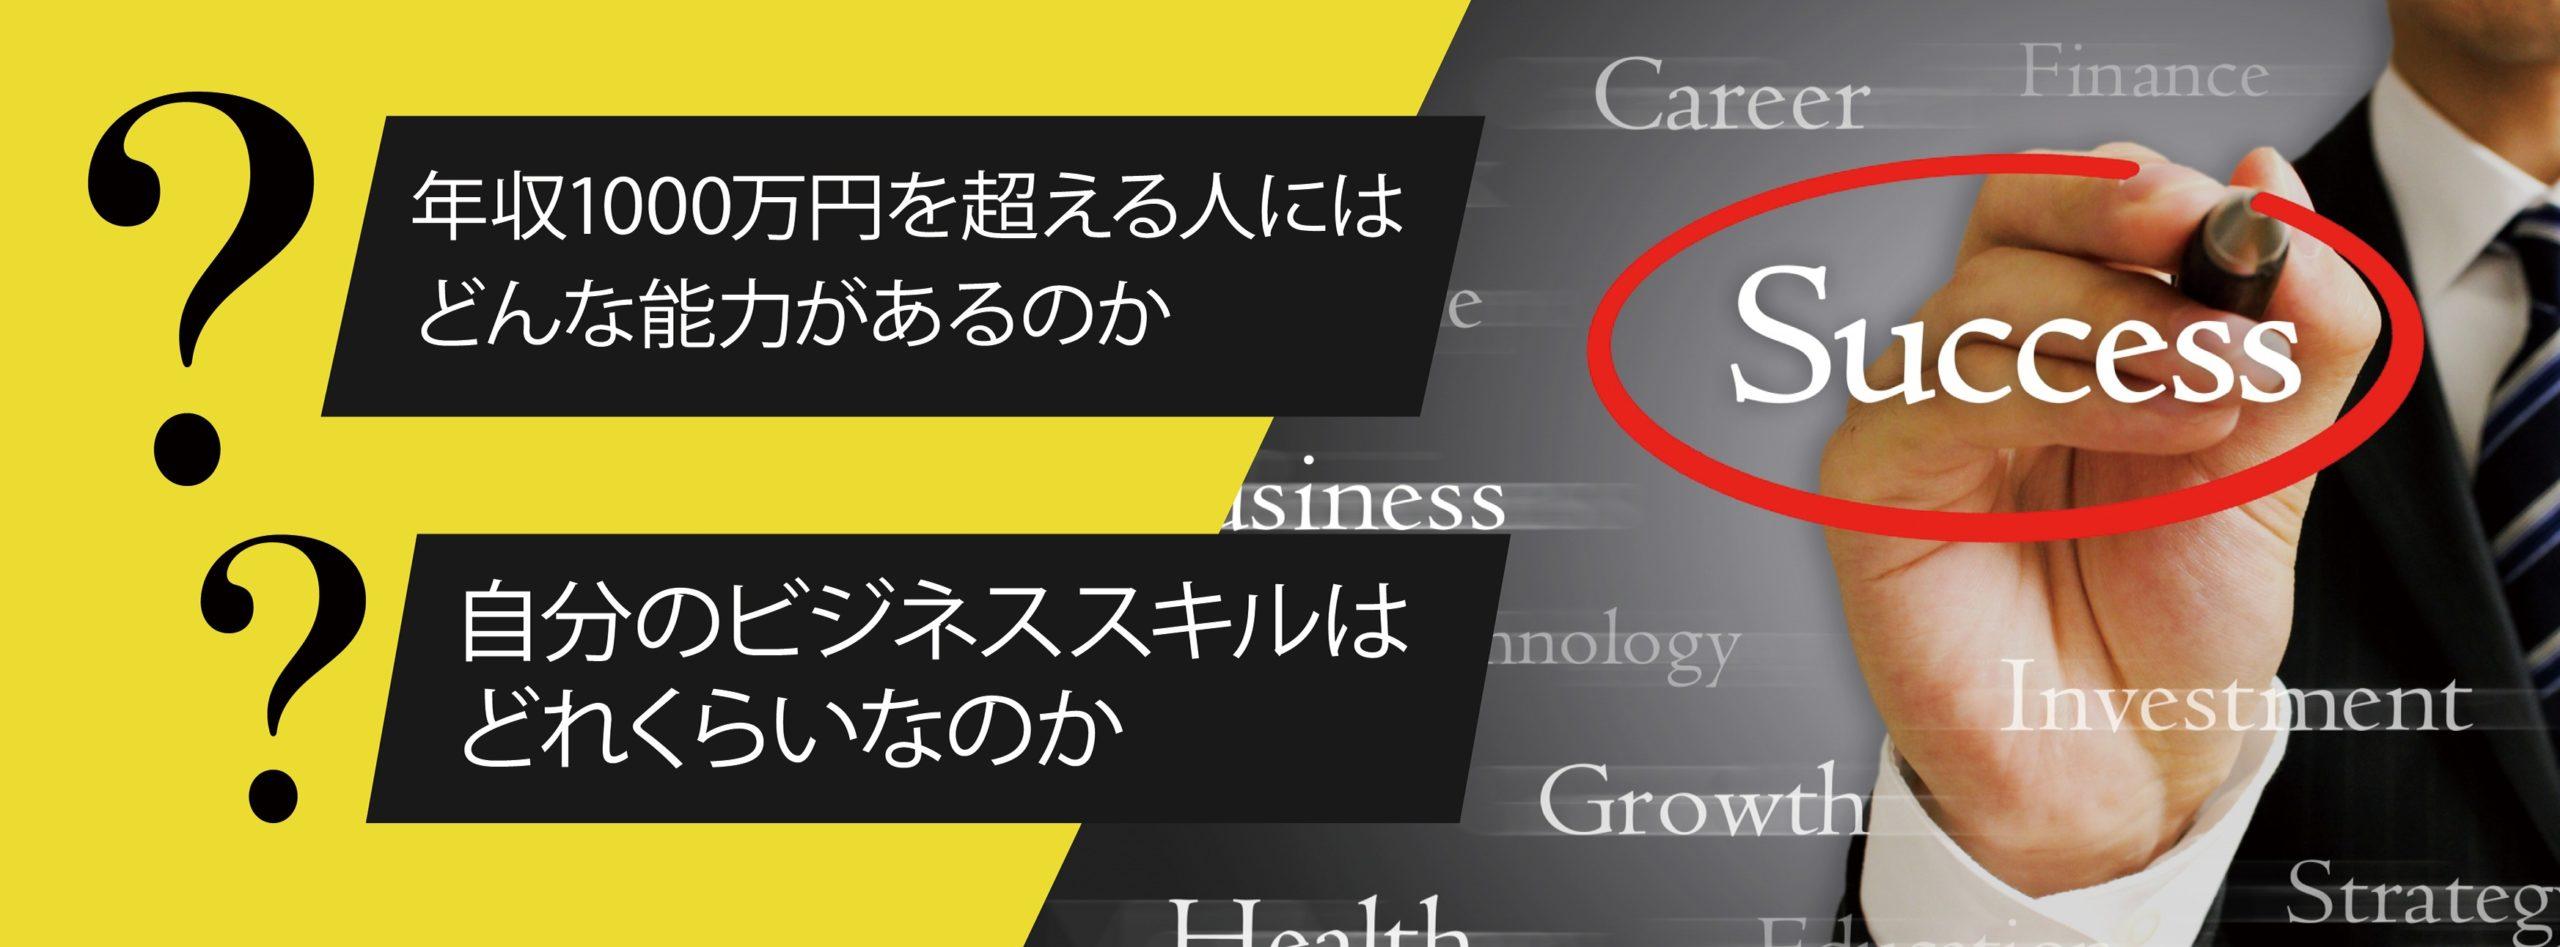 1000万円を超える人はどんな能力があるのか 自分のビジネススキルはどれくらいなのか